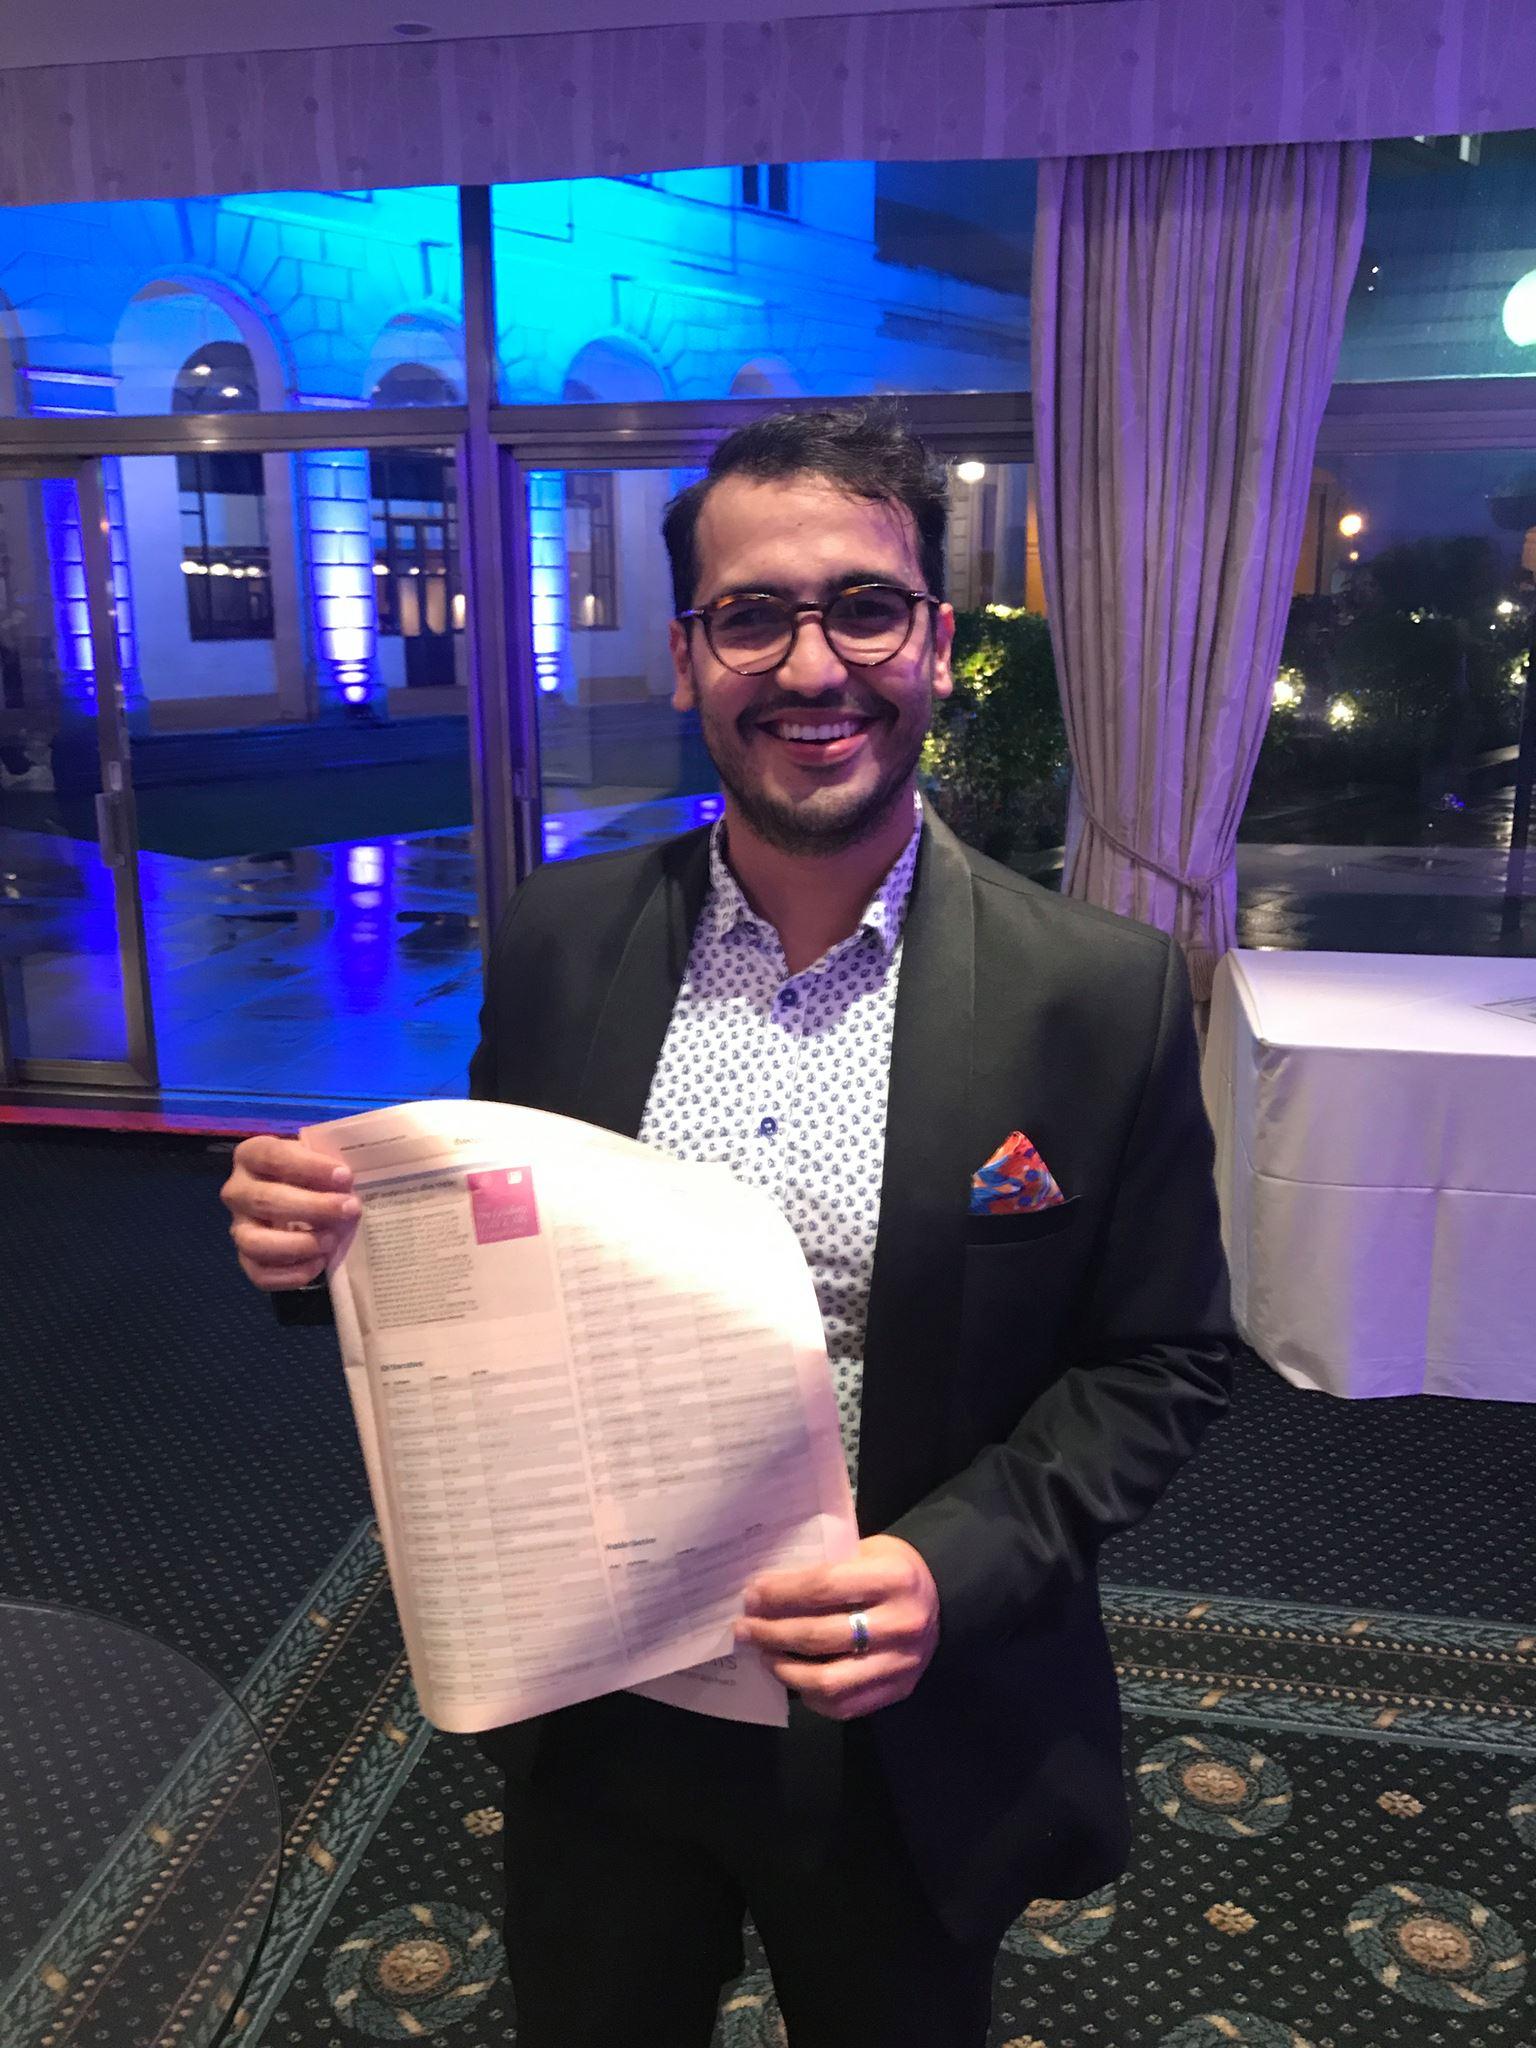 Herman Duarte en TOP 50 del MUNDO según prestigiosa lista de empresarios de Financial Times